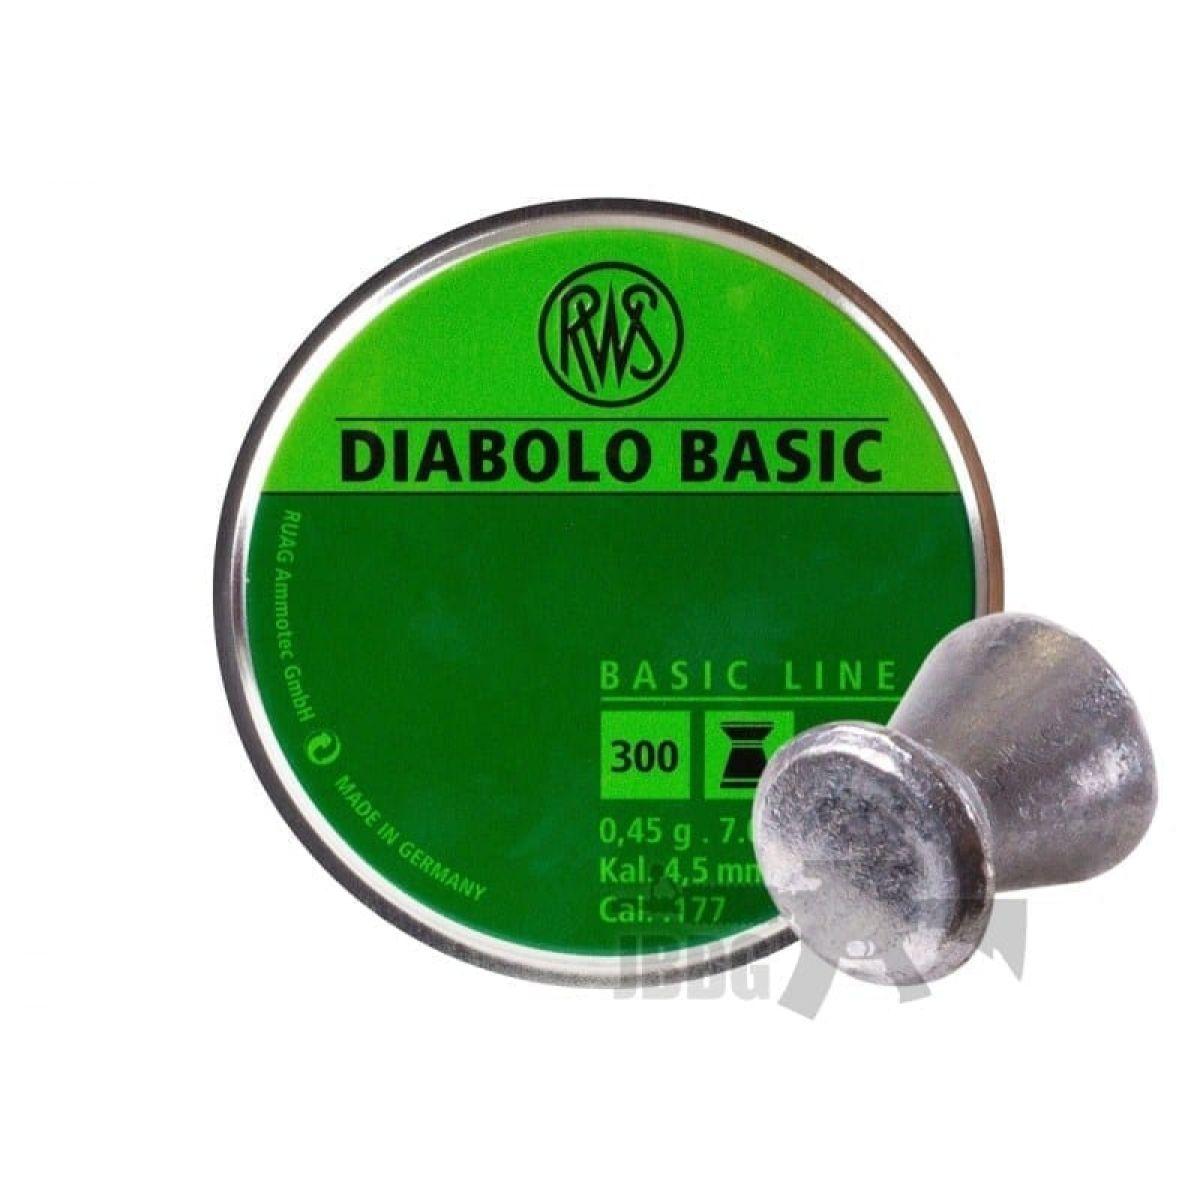 RWS-DIABLO-.177-300-AIR-GUN-AMMO-at-jbbg-usa